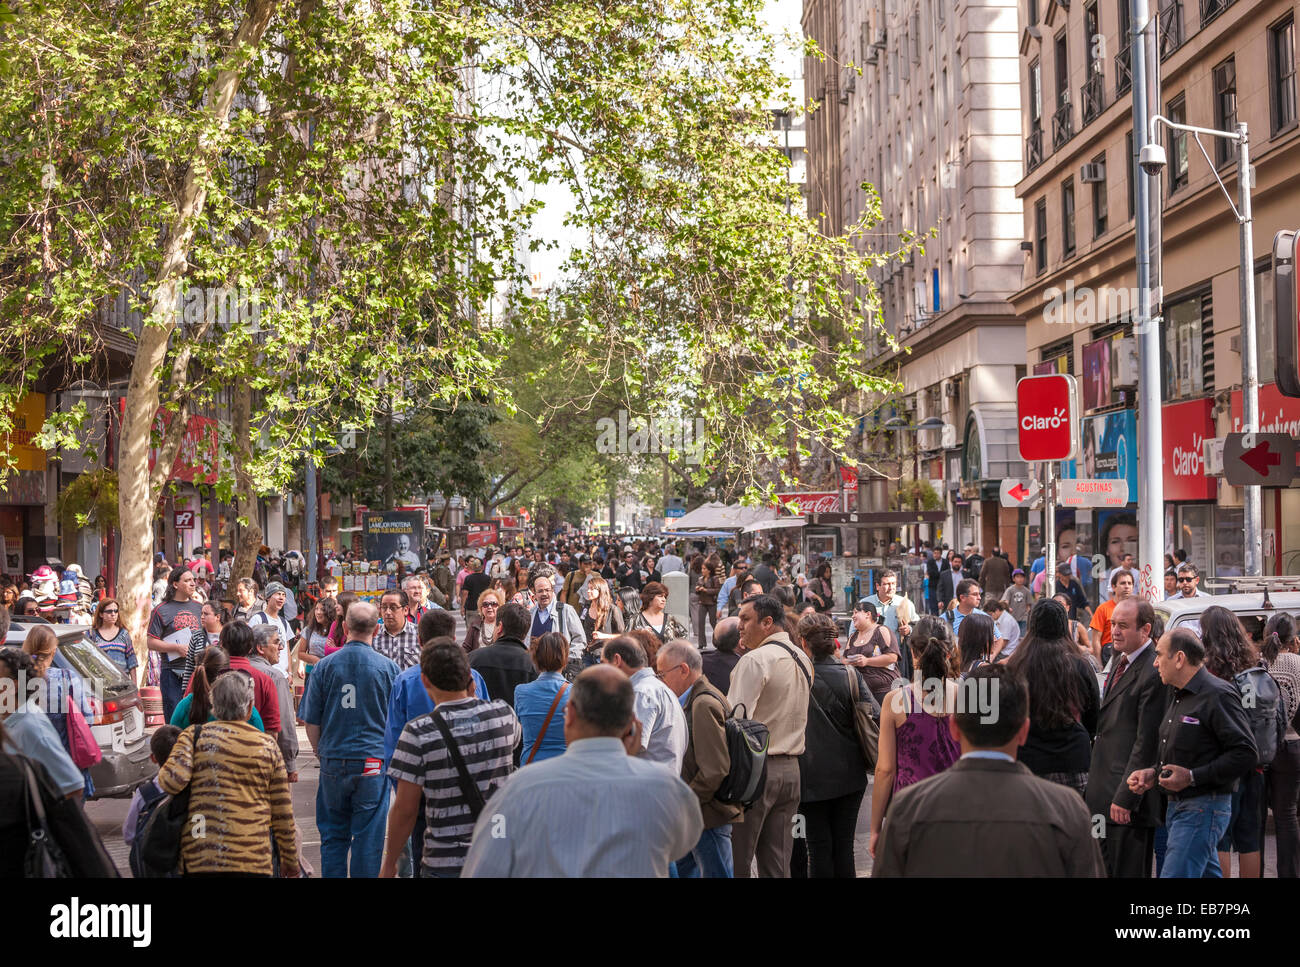 Santiago Chile, Paseo Ahumada. Massen von Menschen, Shopper, gehen, sprechen in der Haupteinkaufsstraße von Stockbild